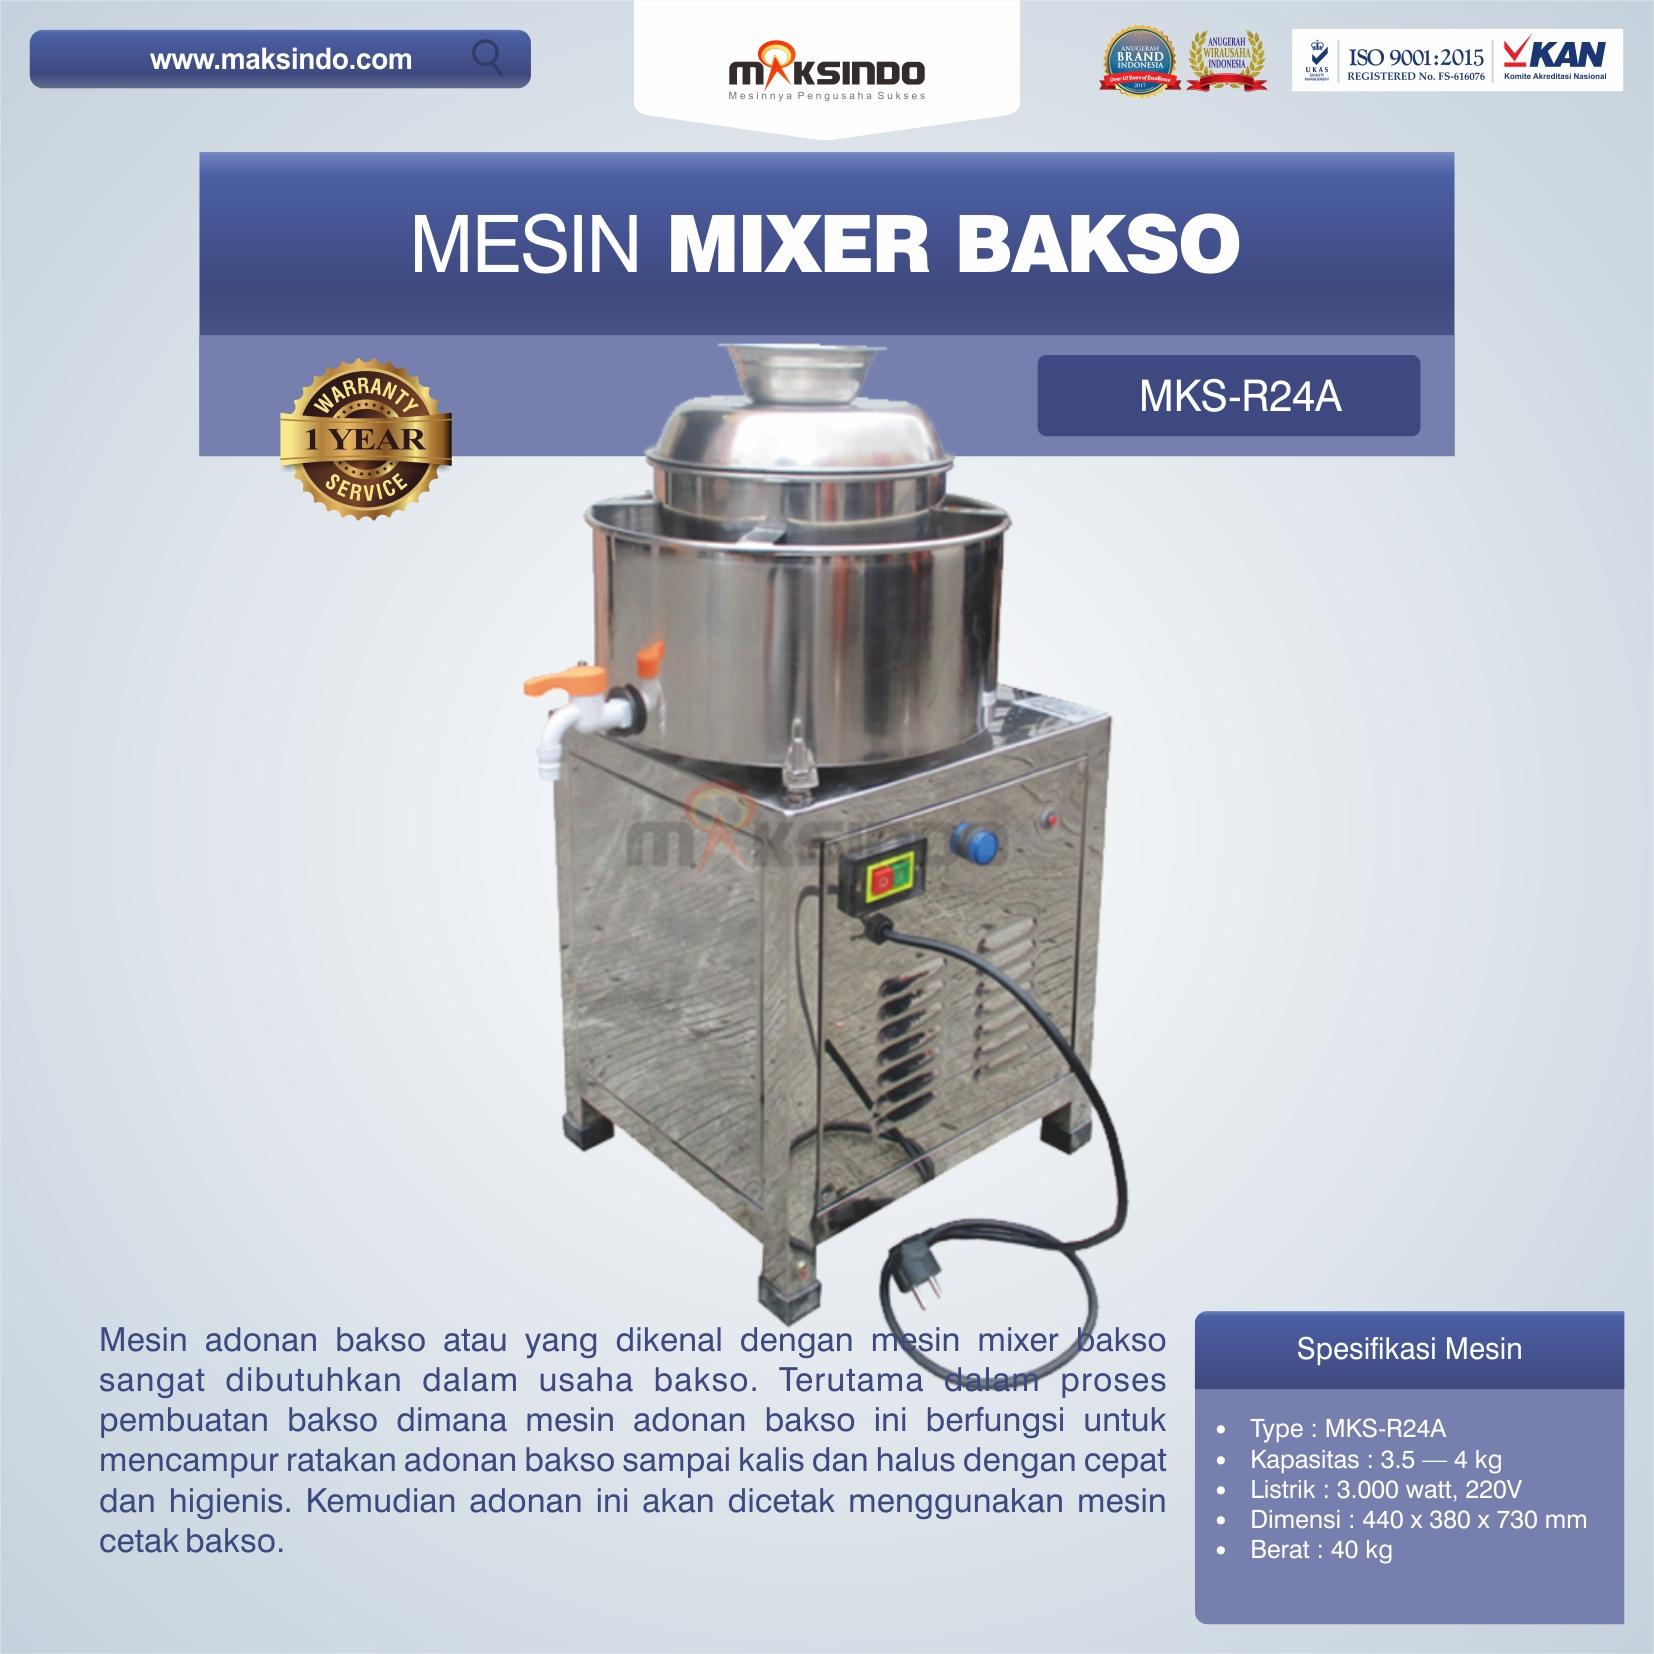 Mesin Mixer Bakso MKS-R24A